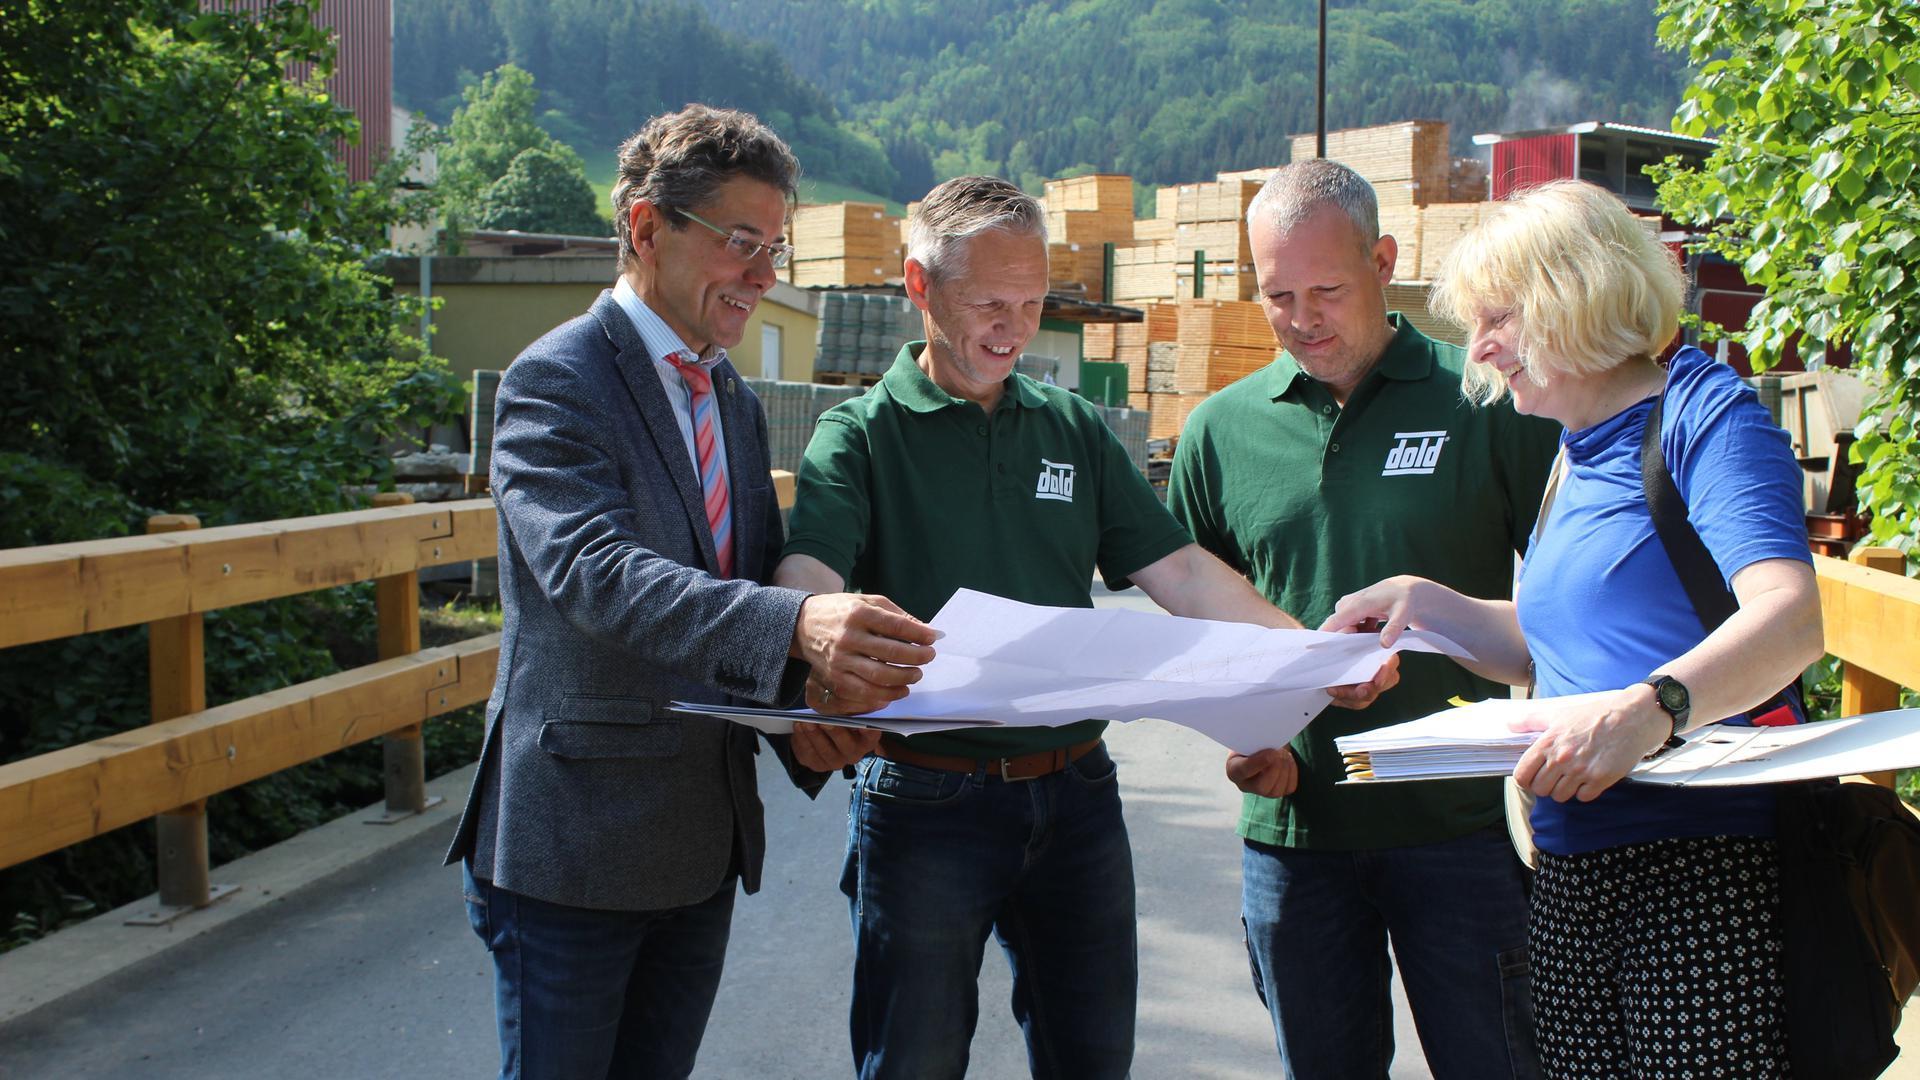 Etwas bewegen: Das will Harald Reinhard in Steinmauern. Auf dem Bild von 2018 freut er sich als Buchenbachs Bürgermeister über die erfolgreiche Sanierung der Brücke über den Wagensteigbach.